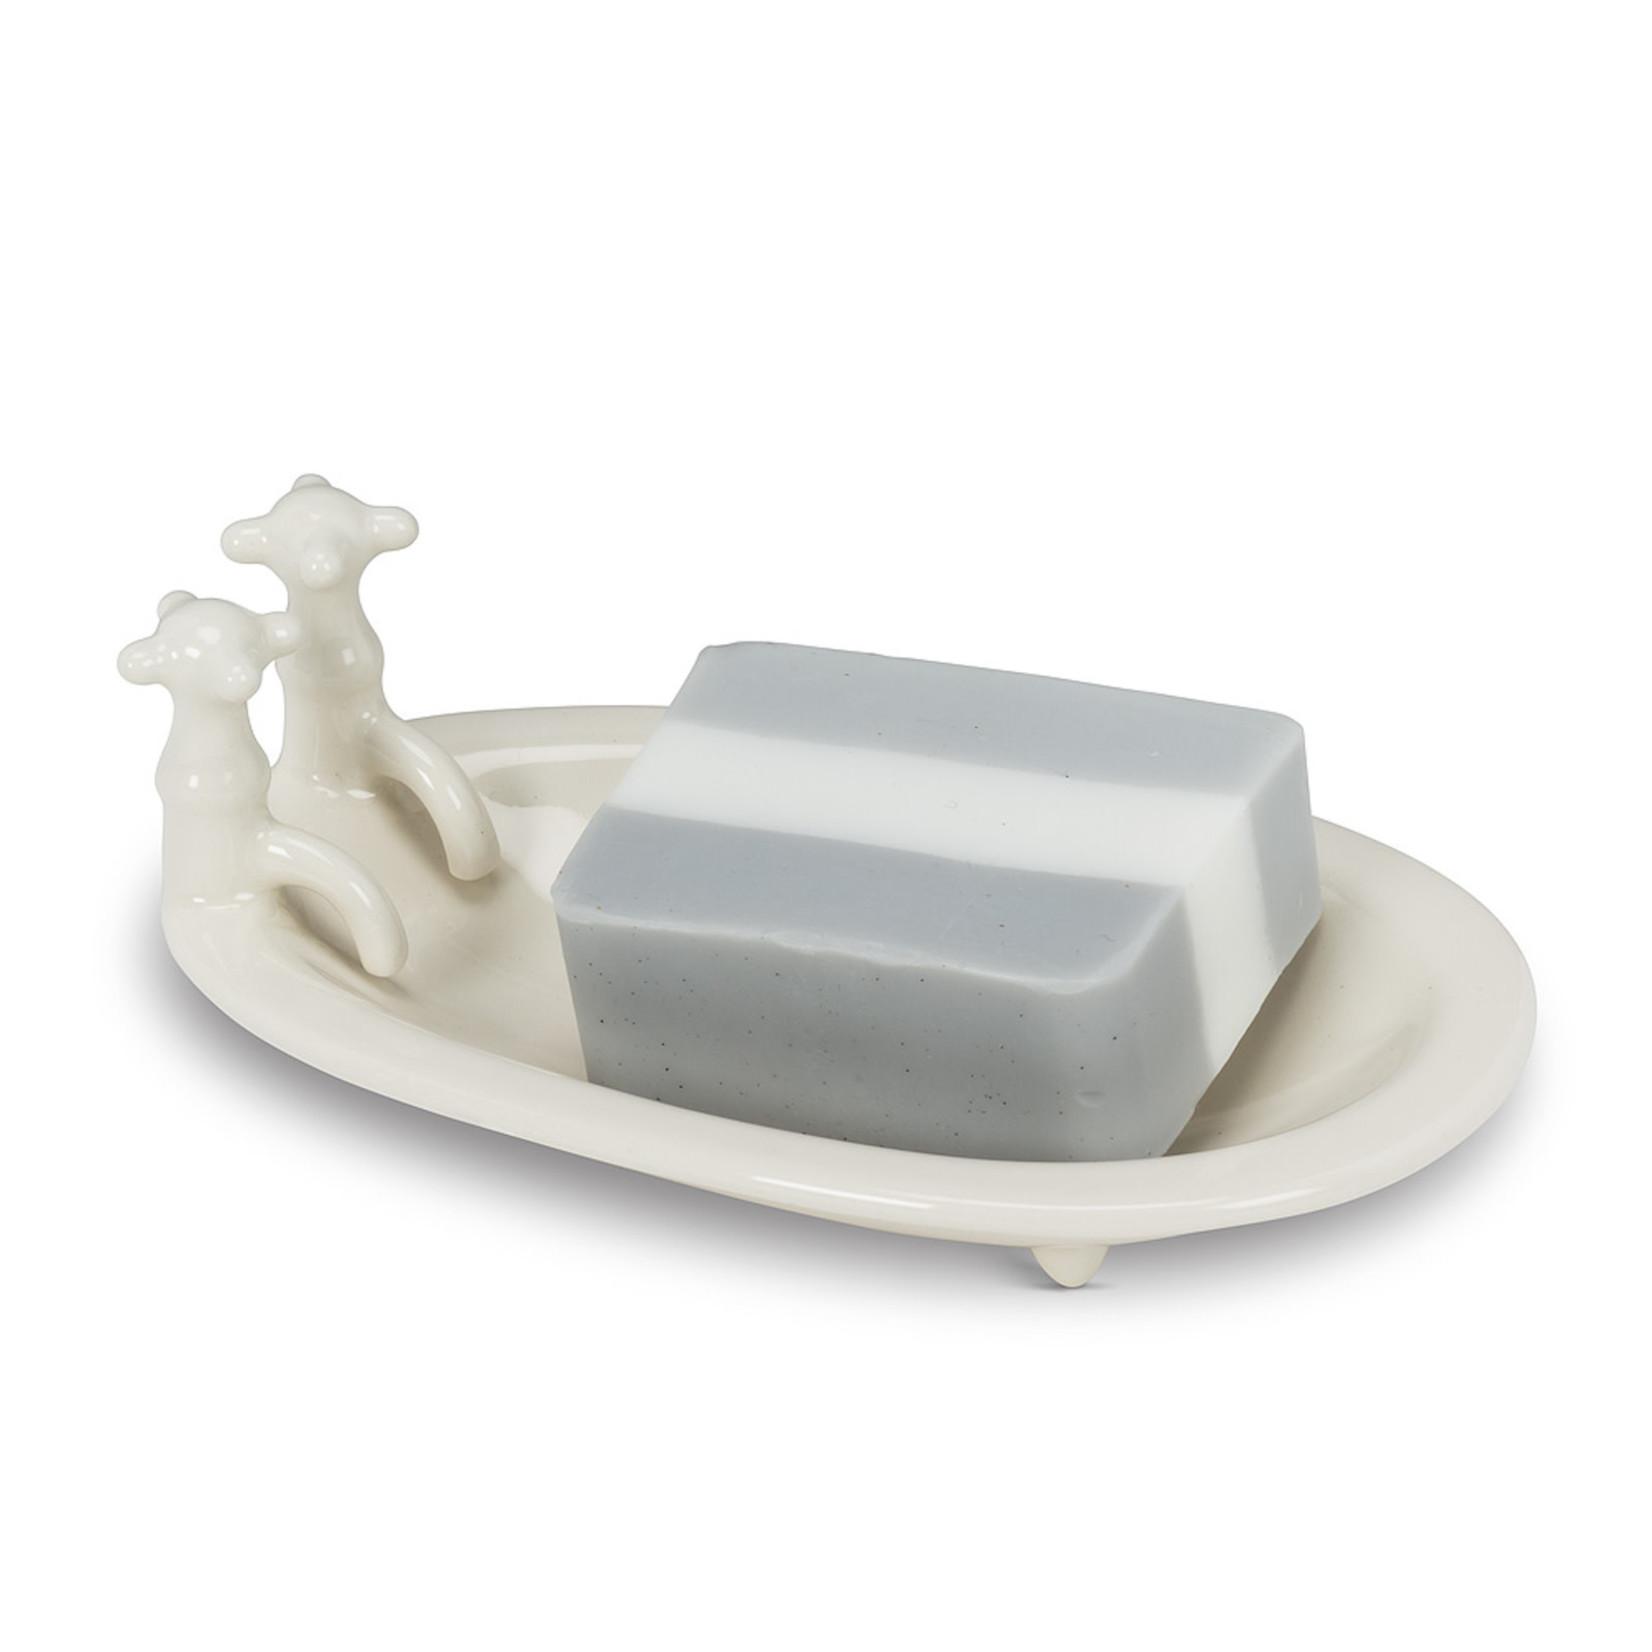 Oval Bathtub Soap Dish